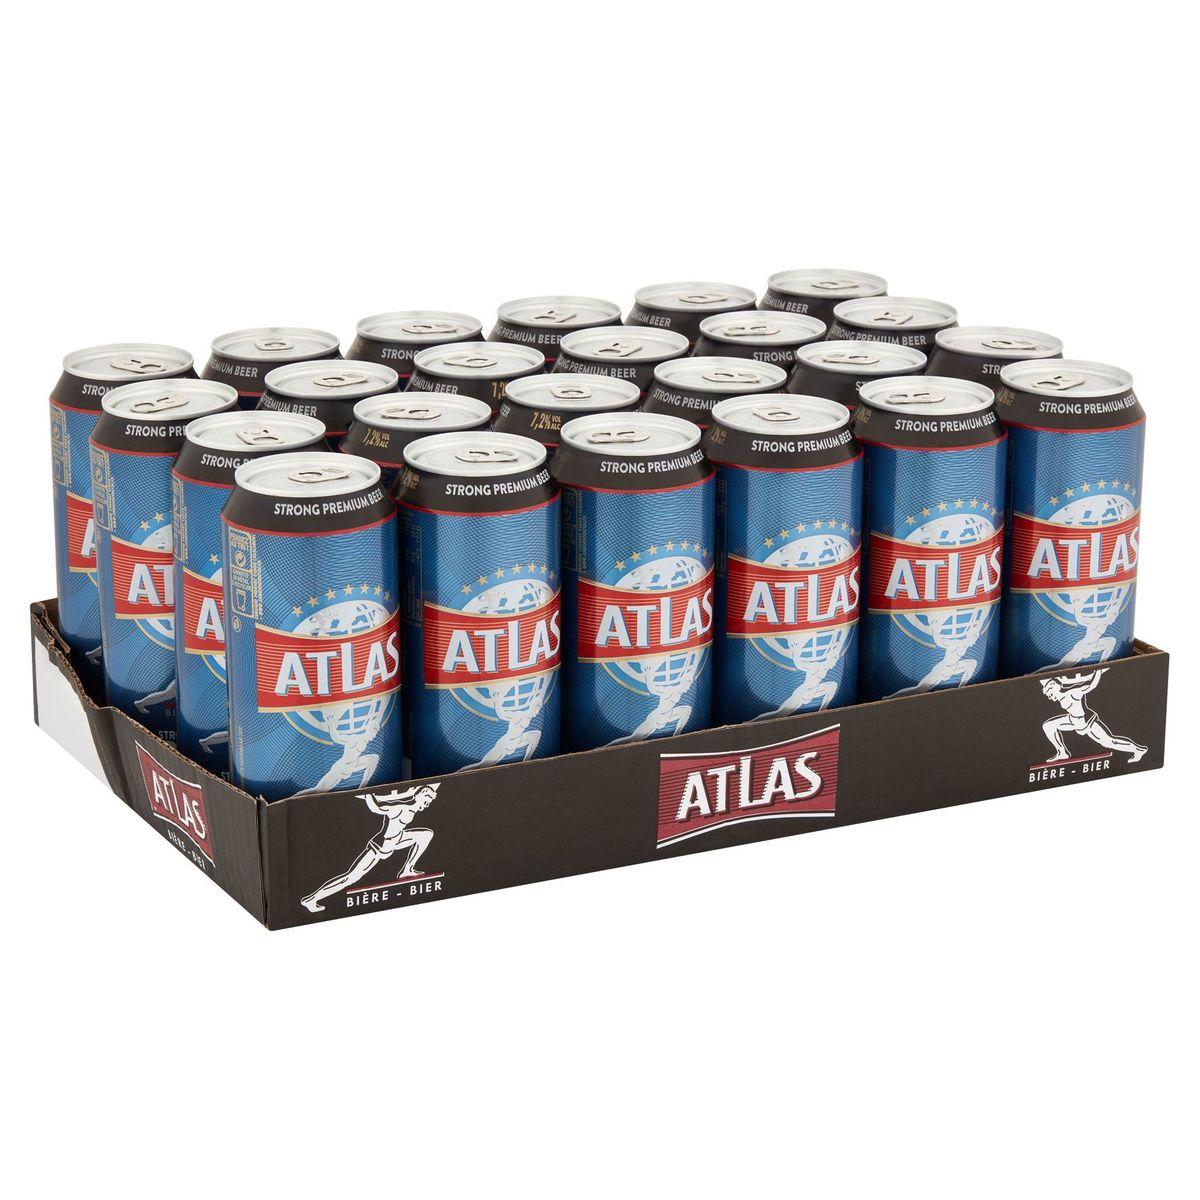 Atlas Strong Premium Beer Blikken 24x50 cl